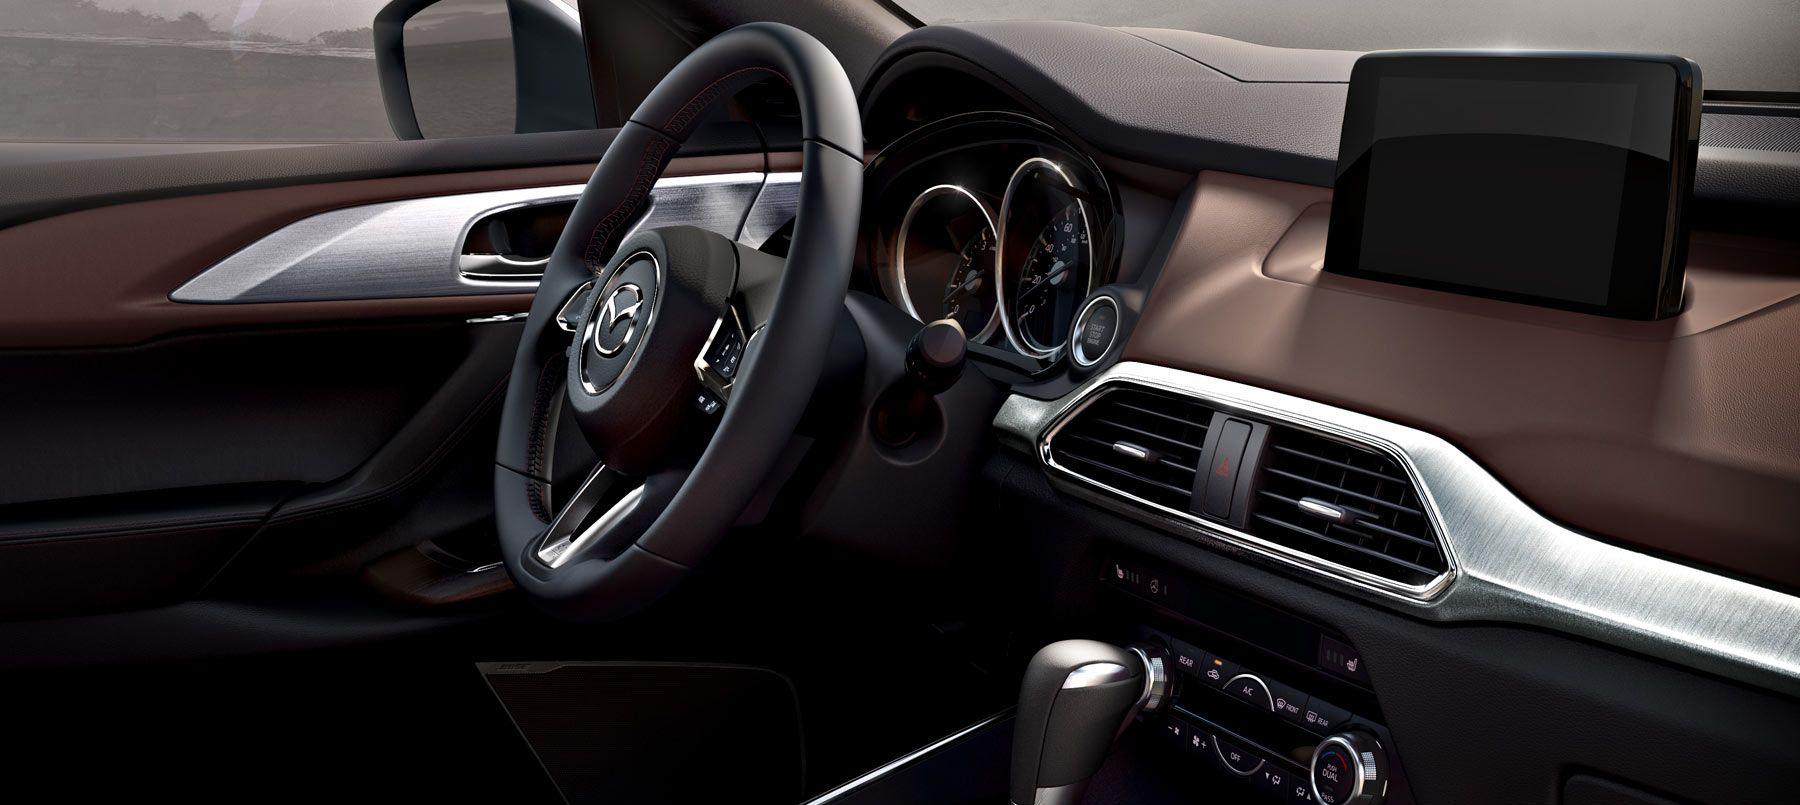 2018 Mazda CX-9 for Sale in Waco, TX - University Mazda